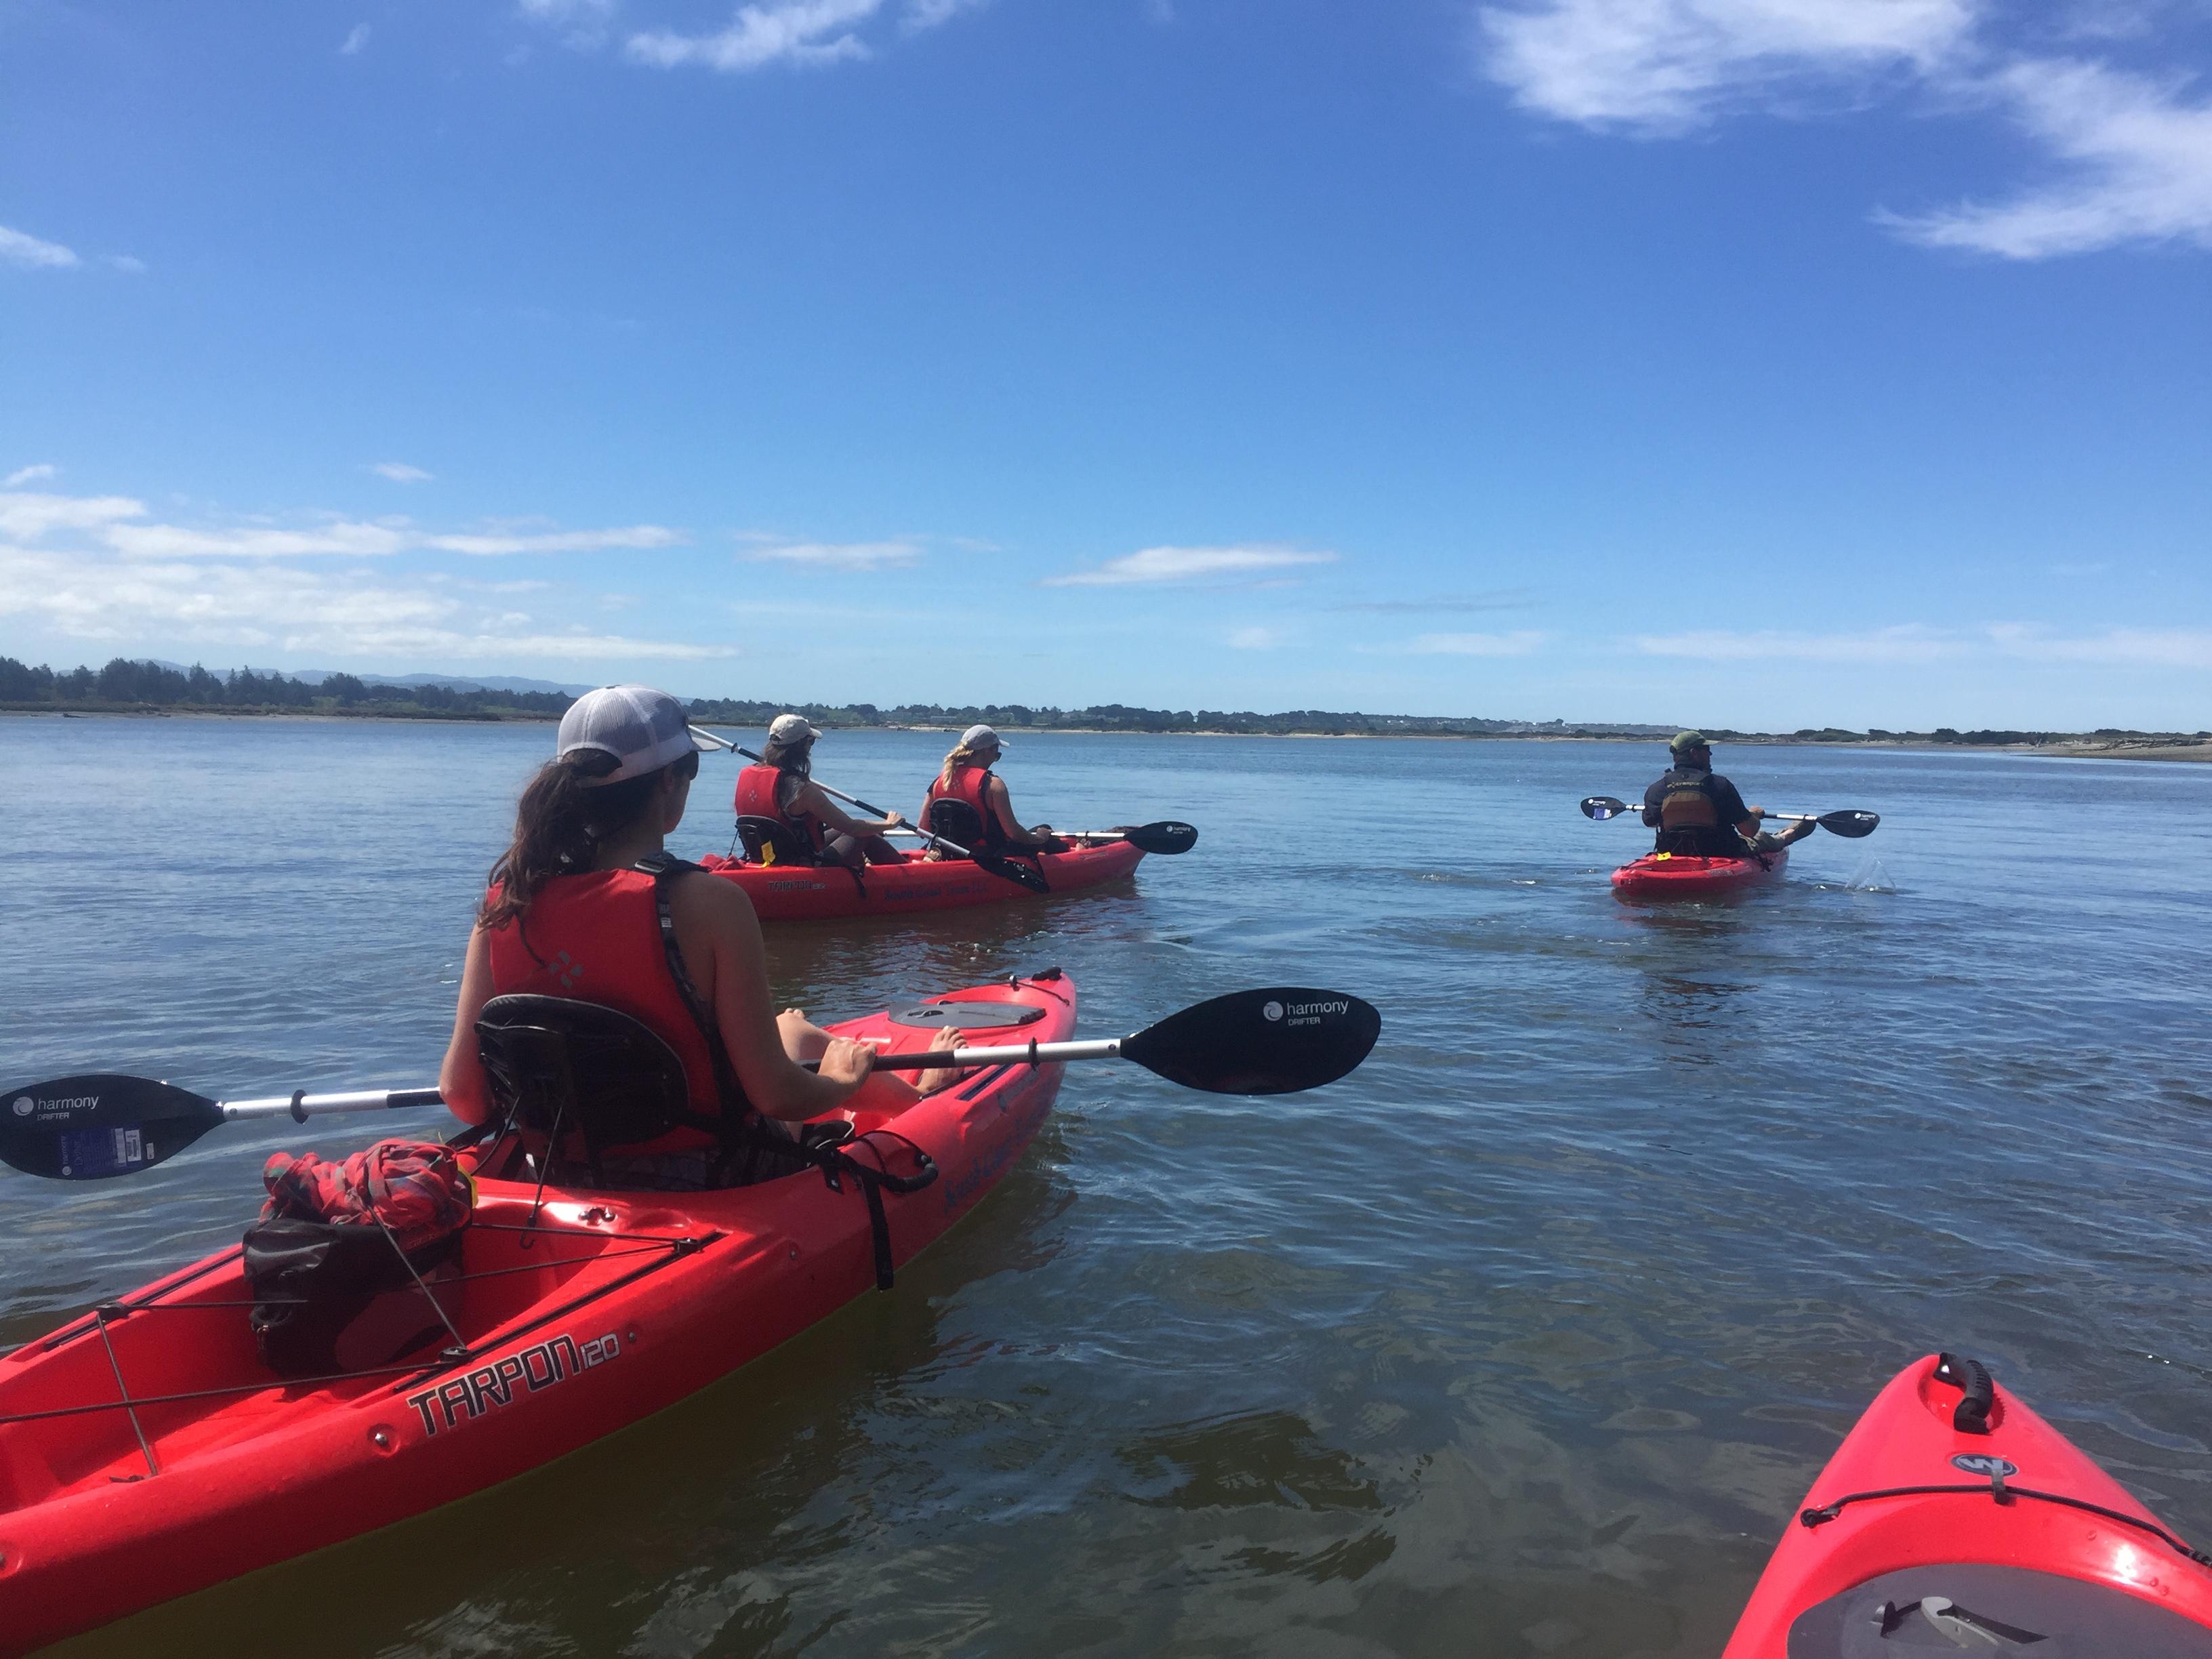 Kayaking at South Slough